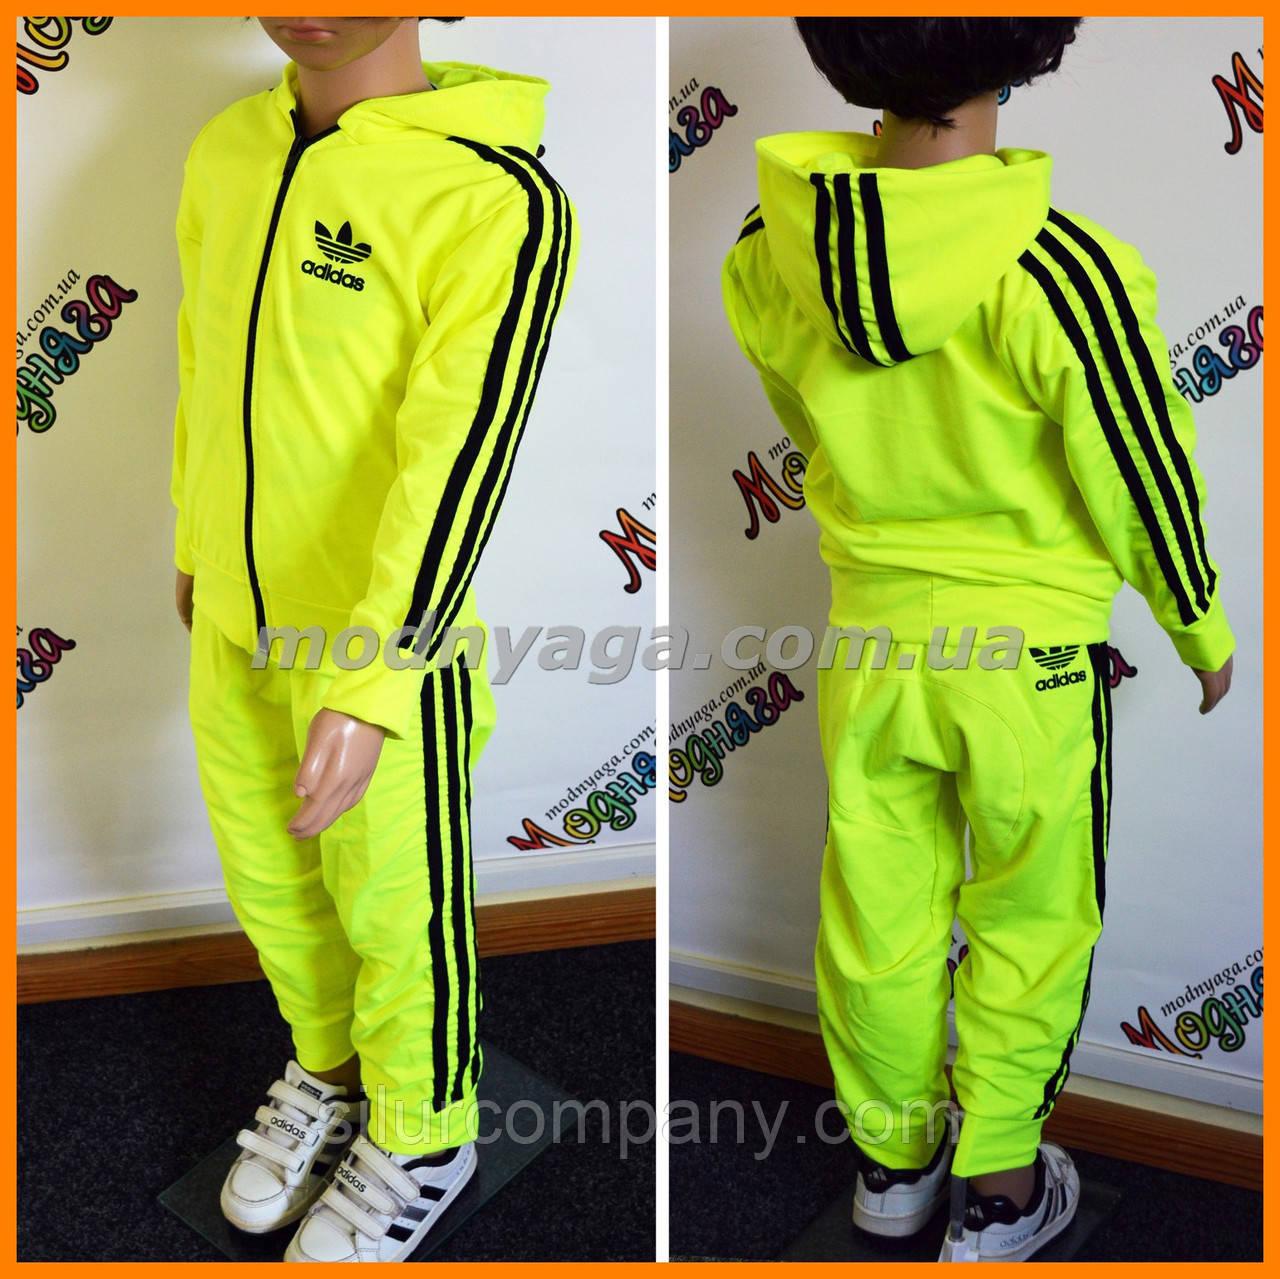 Купить Дешево Спортивную Одежду